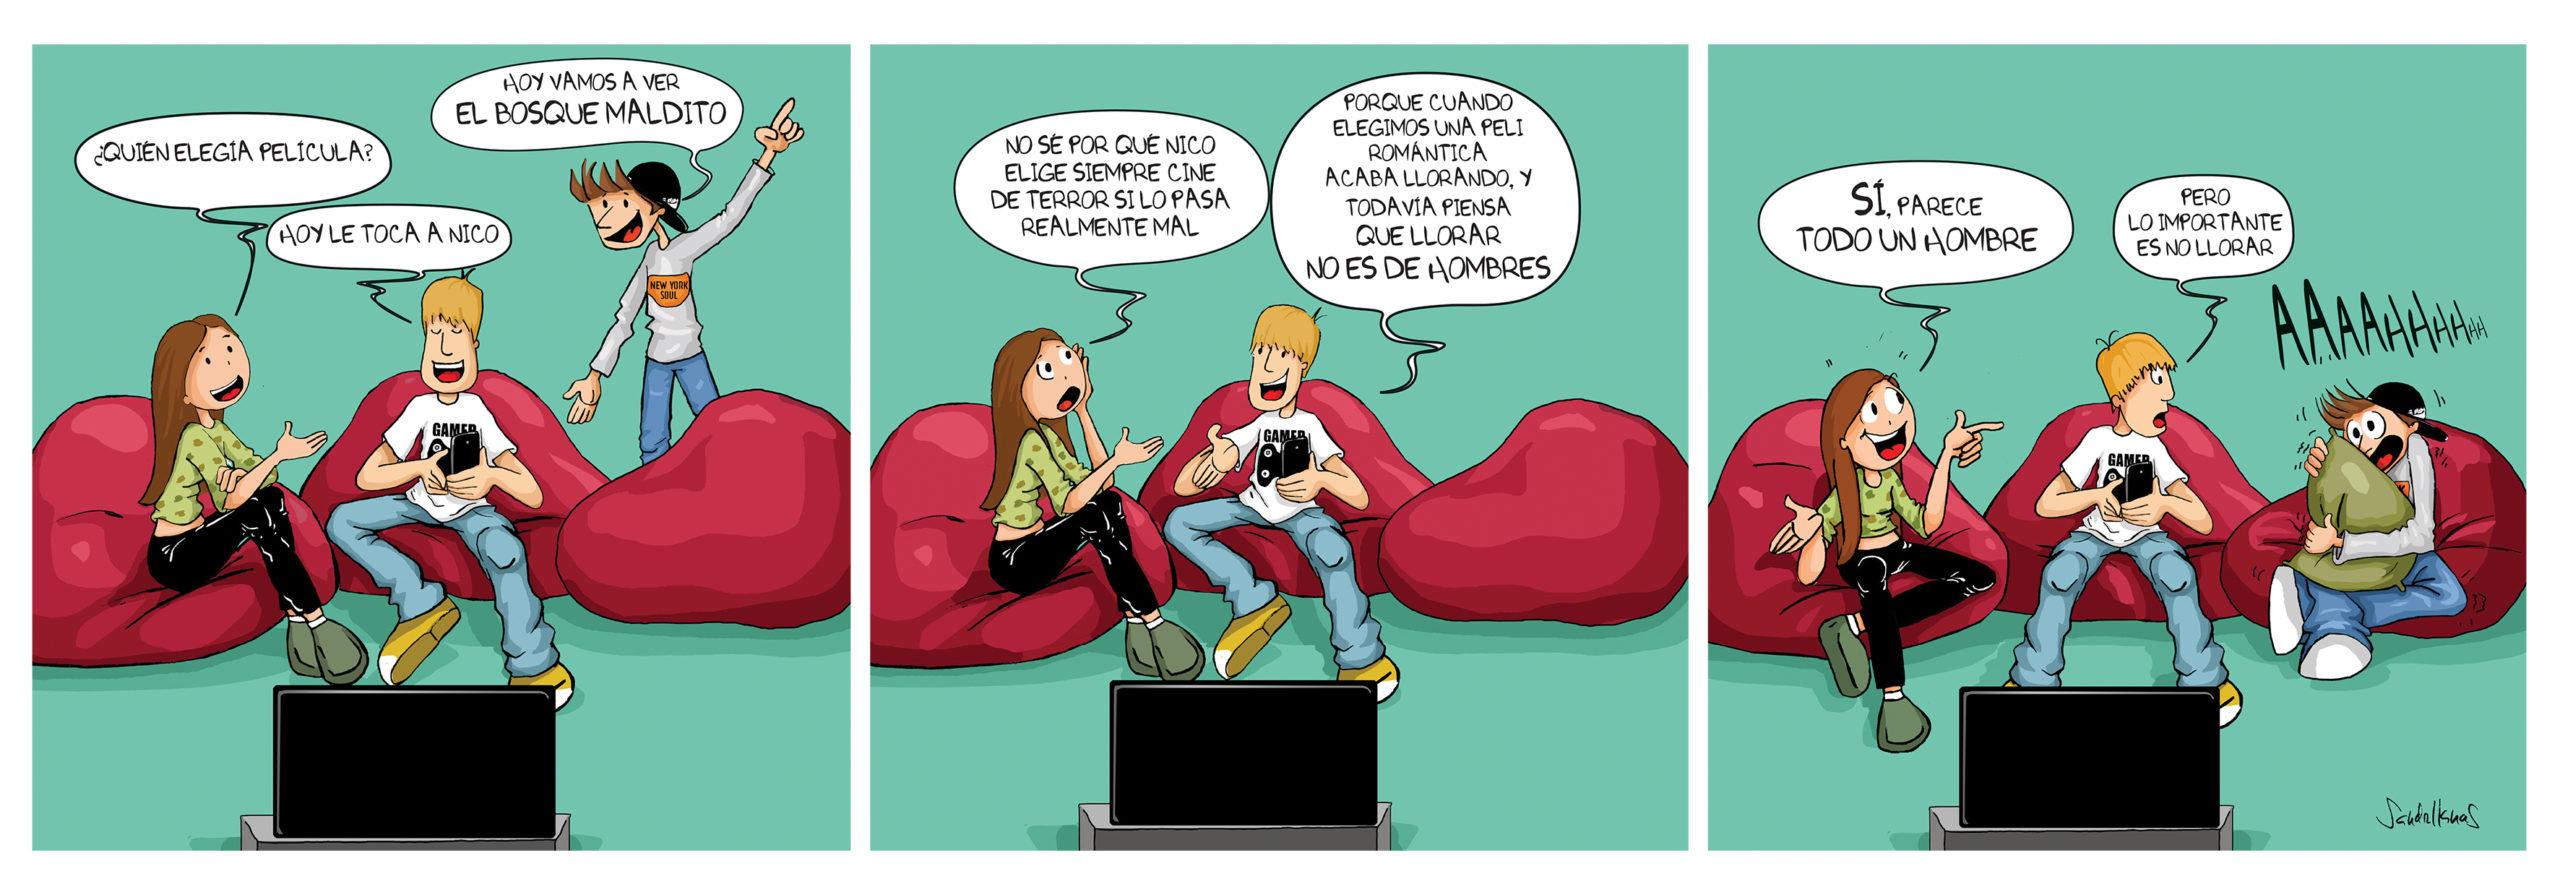 comic feminismo